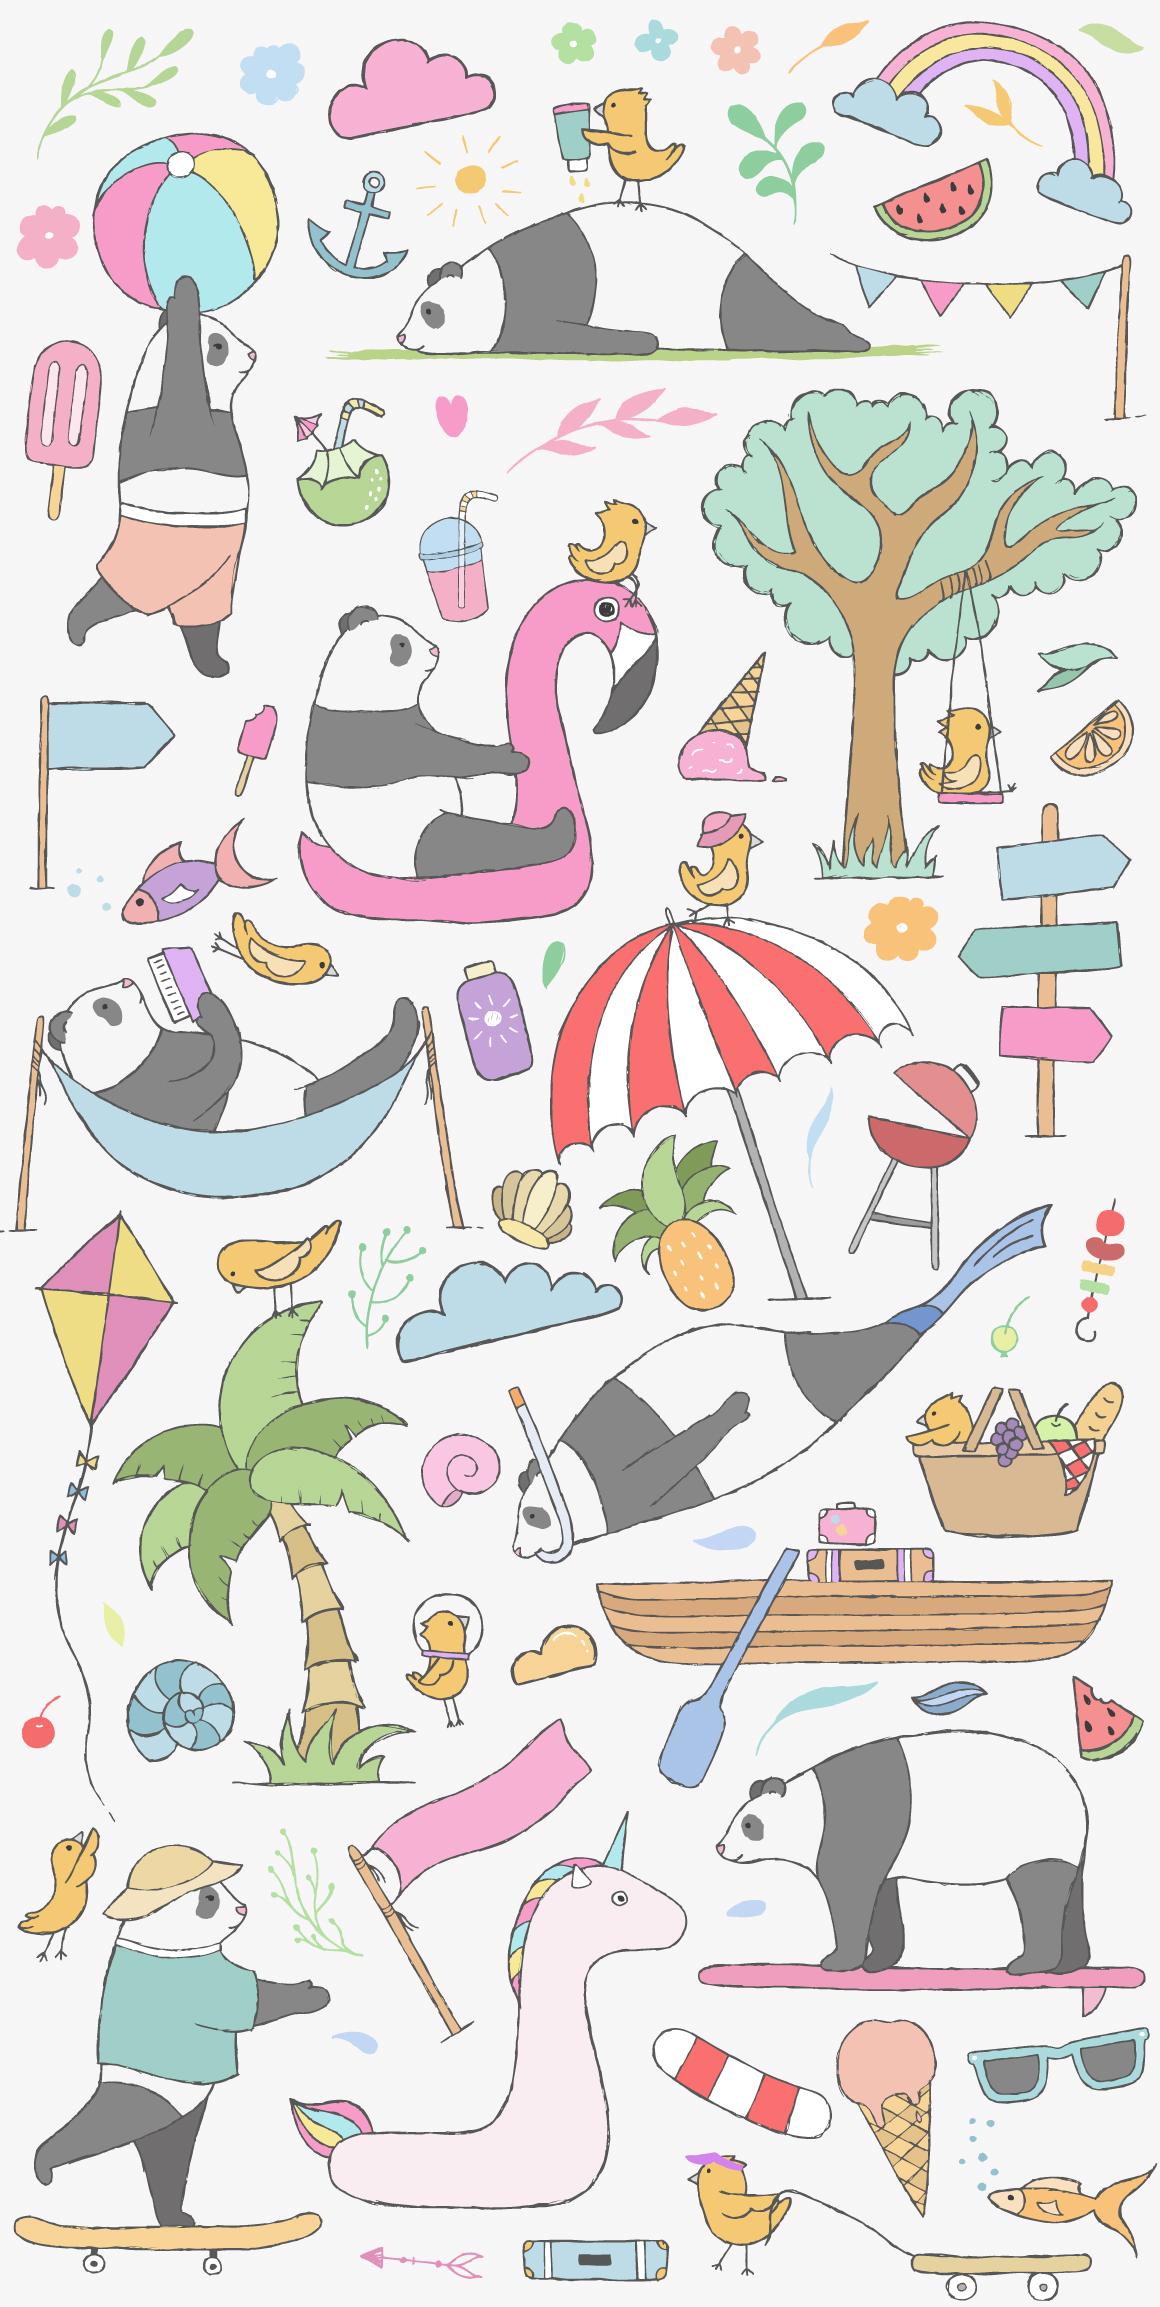 夏季主题手绘卡通熊猫水彩剪贴画素材 Summer Collection插图(4)